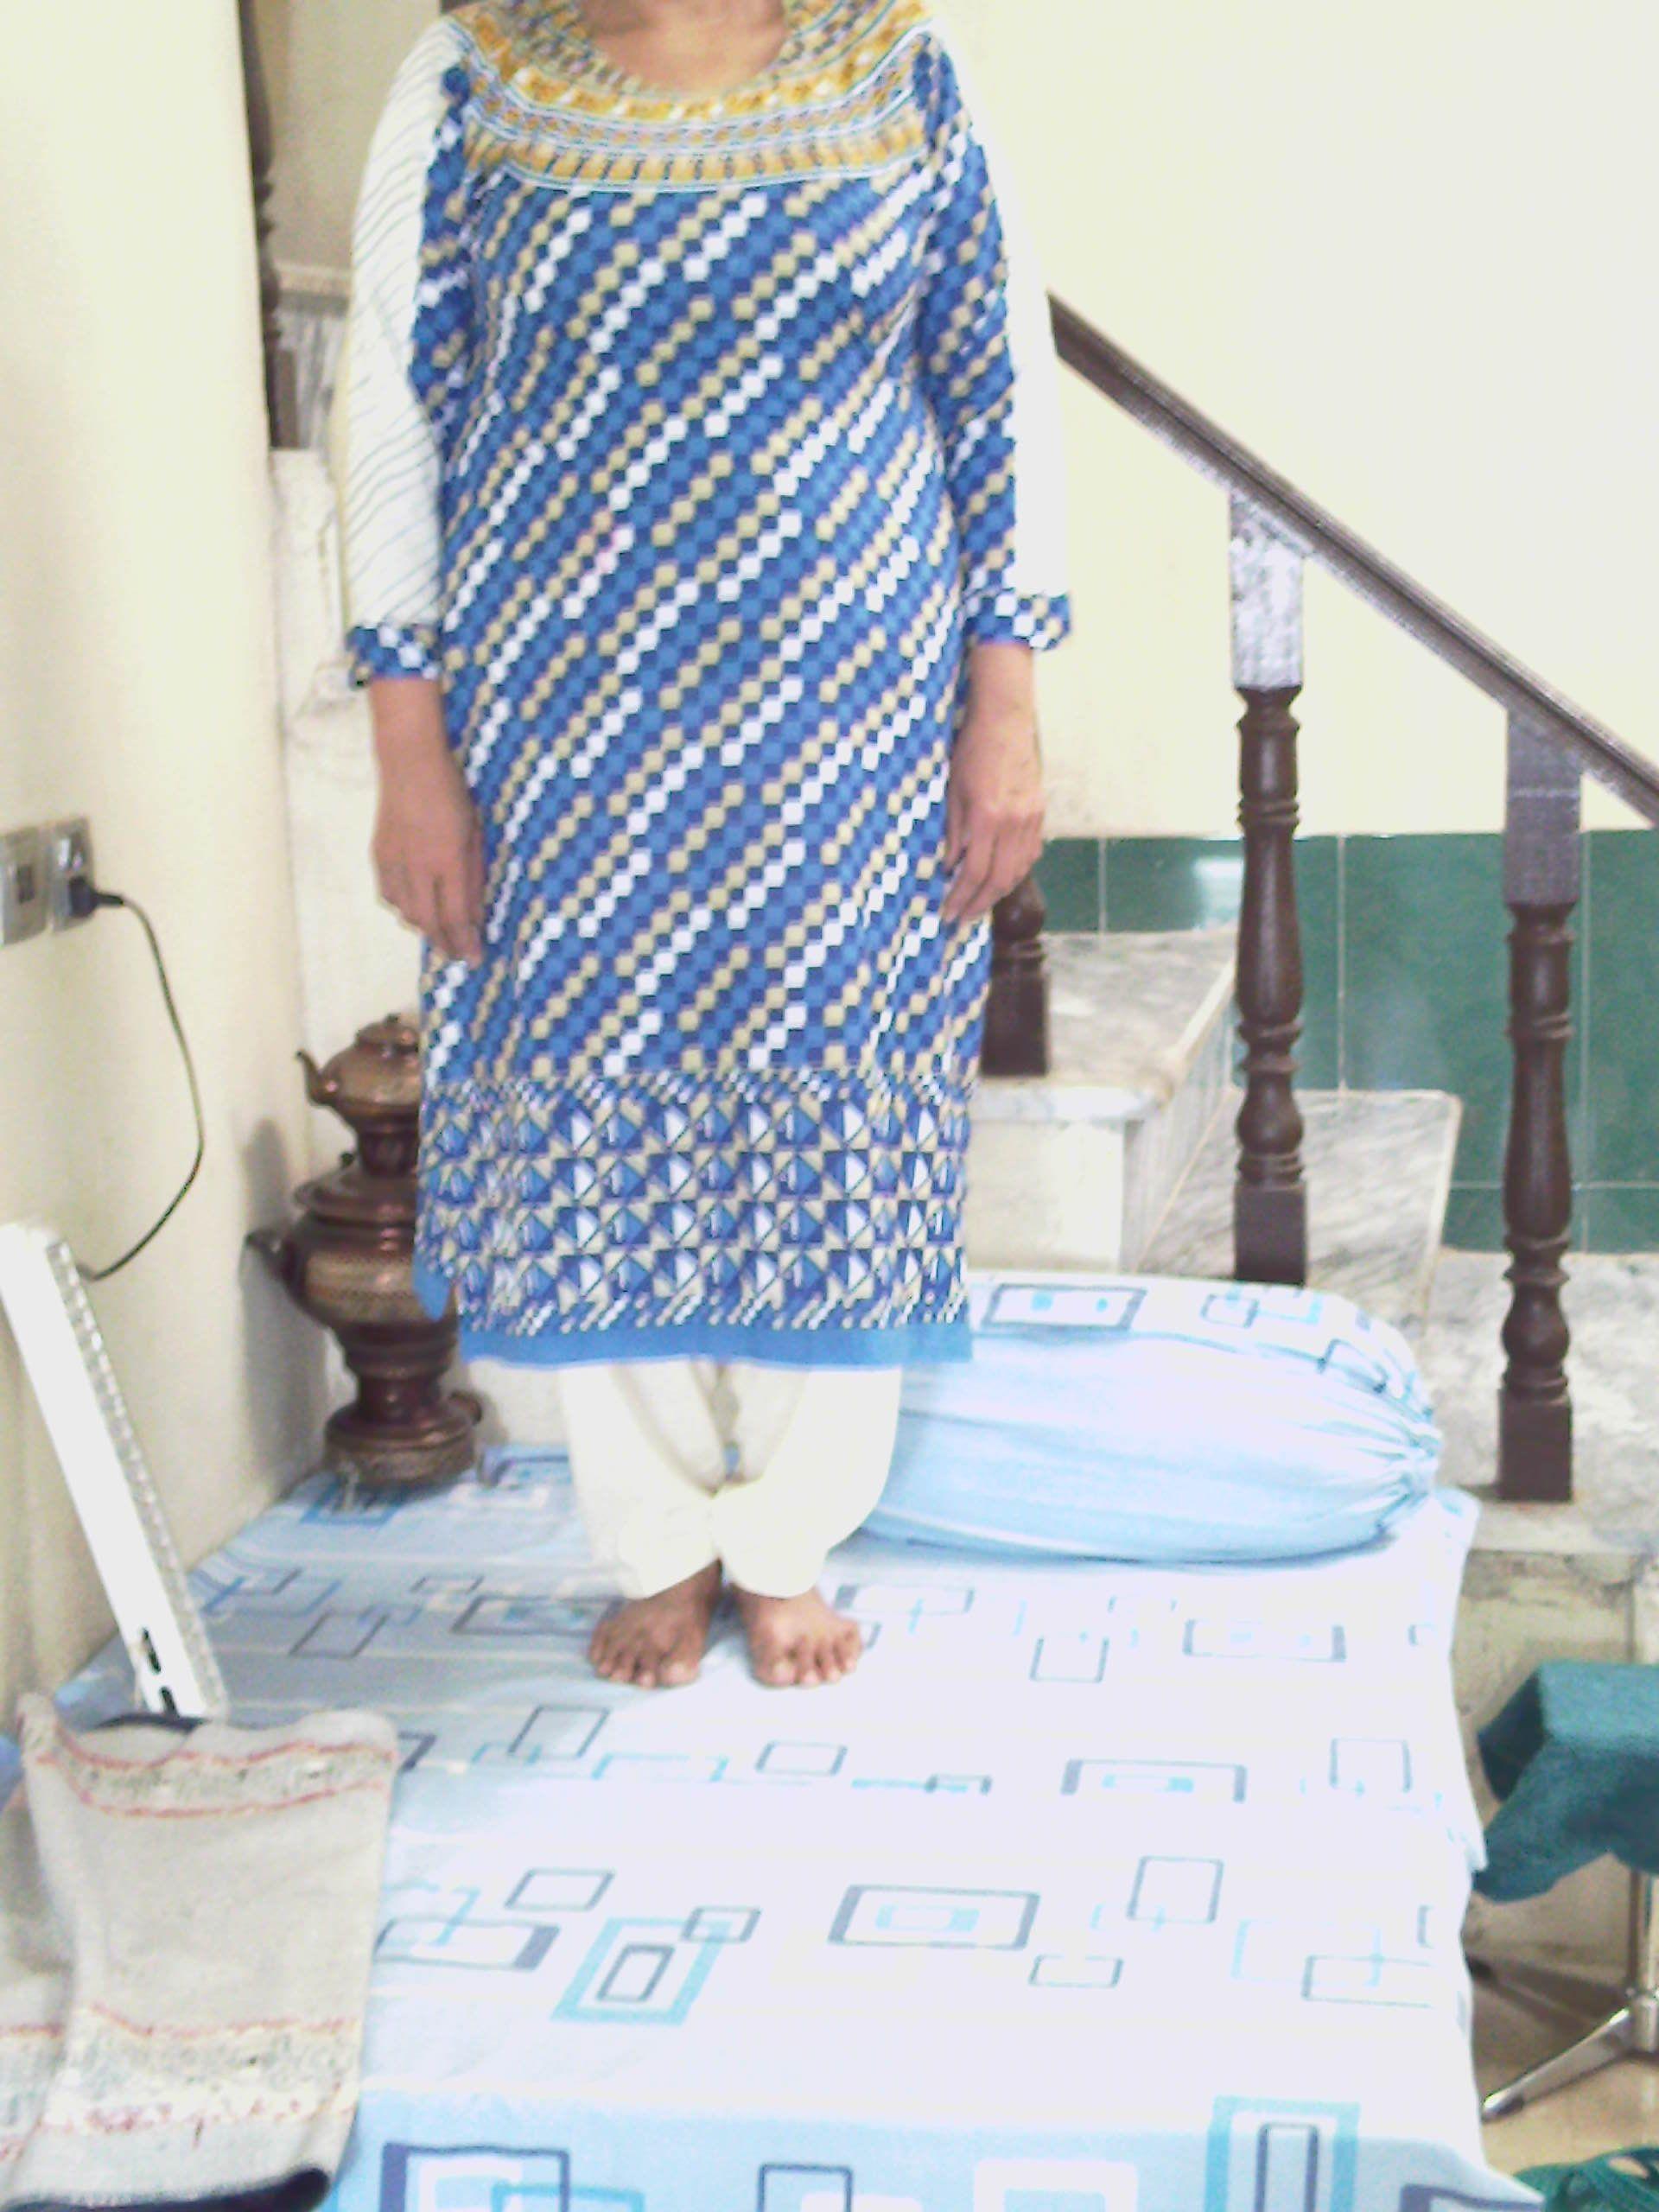 mum's kamiez'shalwar